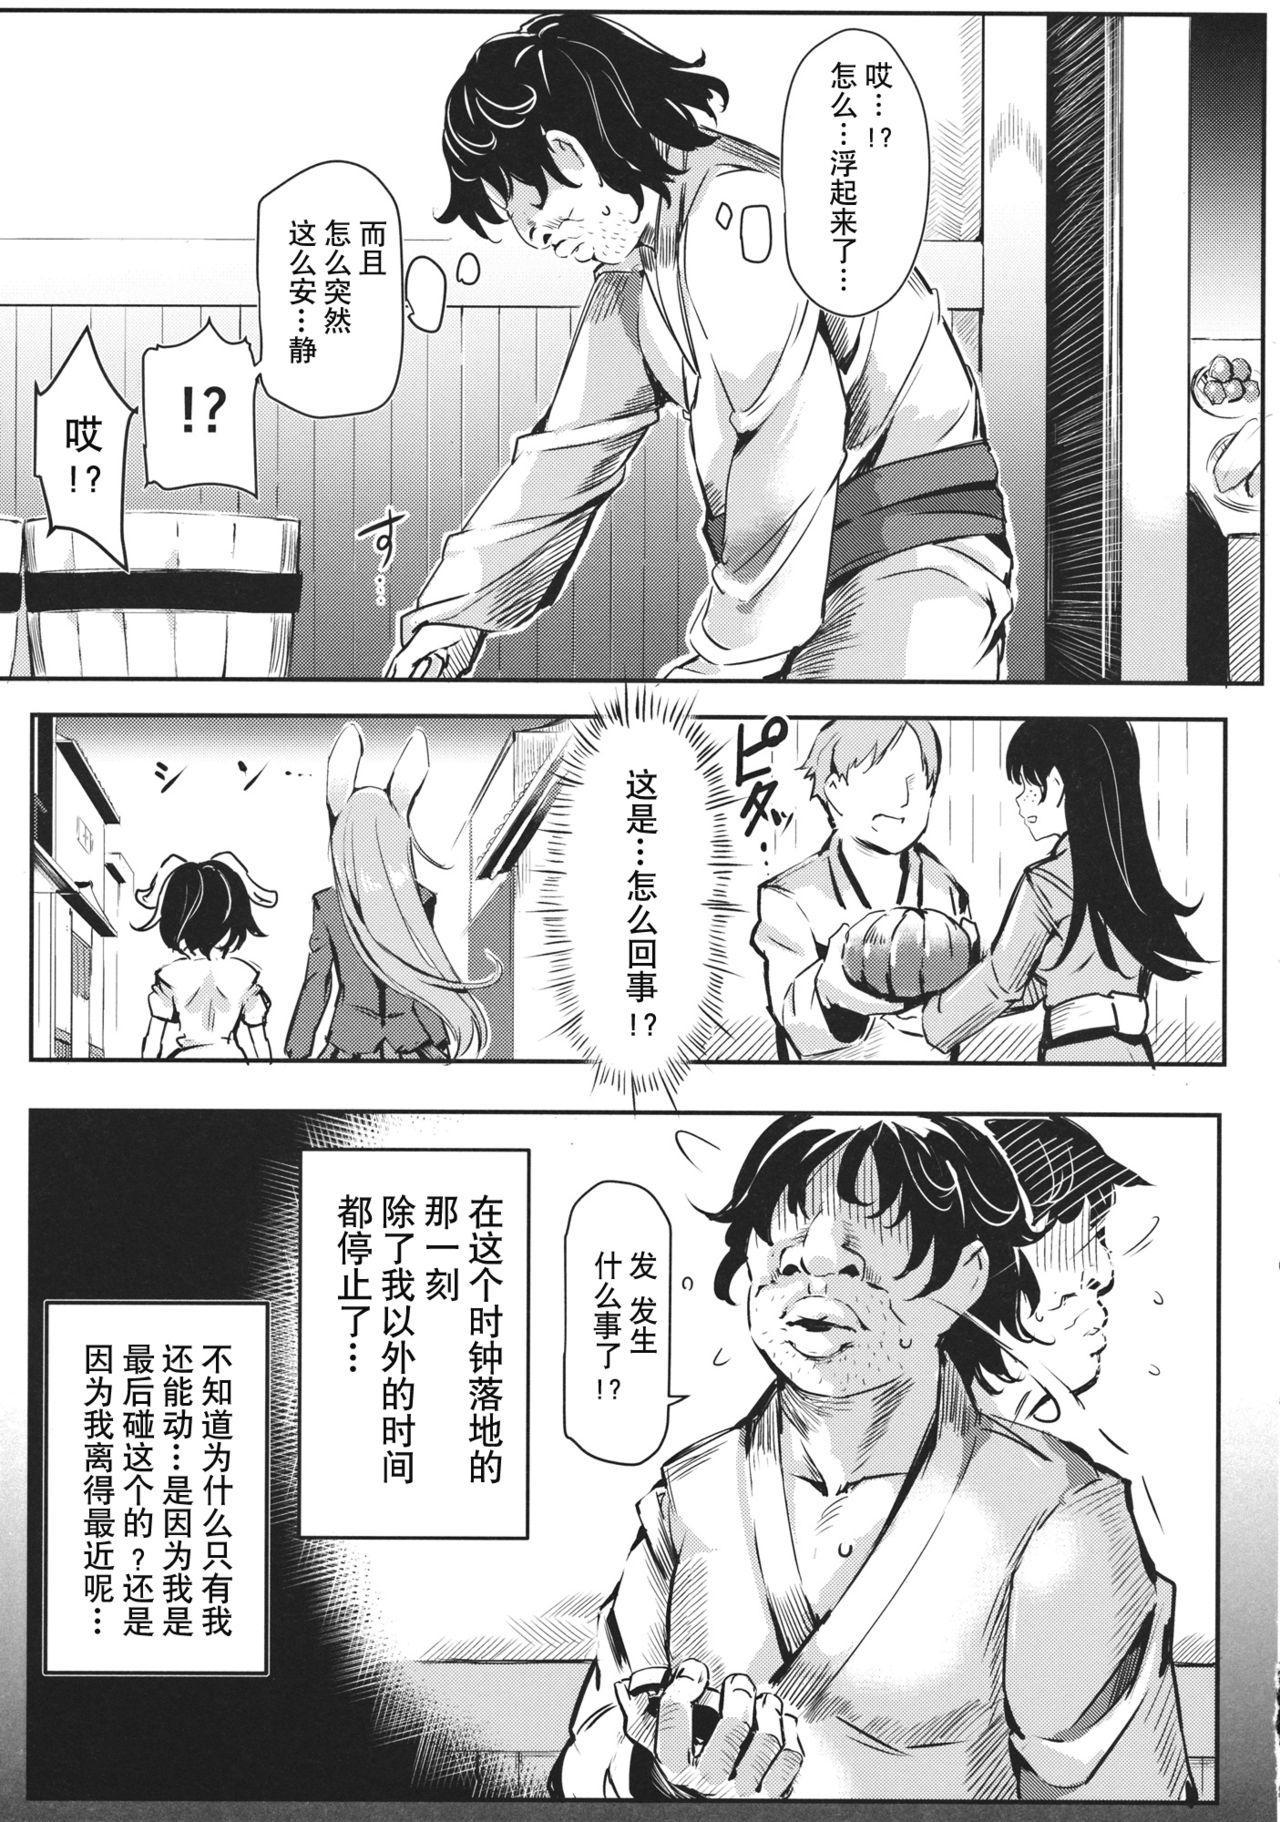 Gensoukyou Jikanteishi club 6